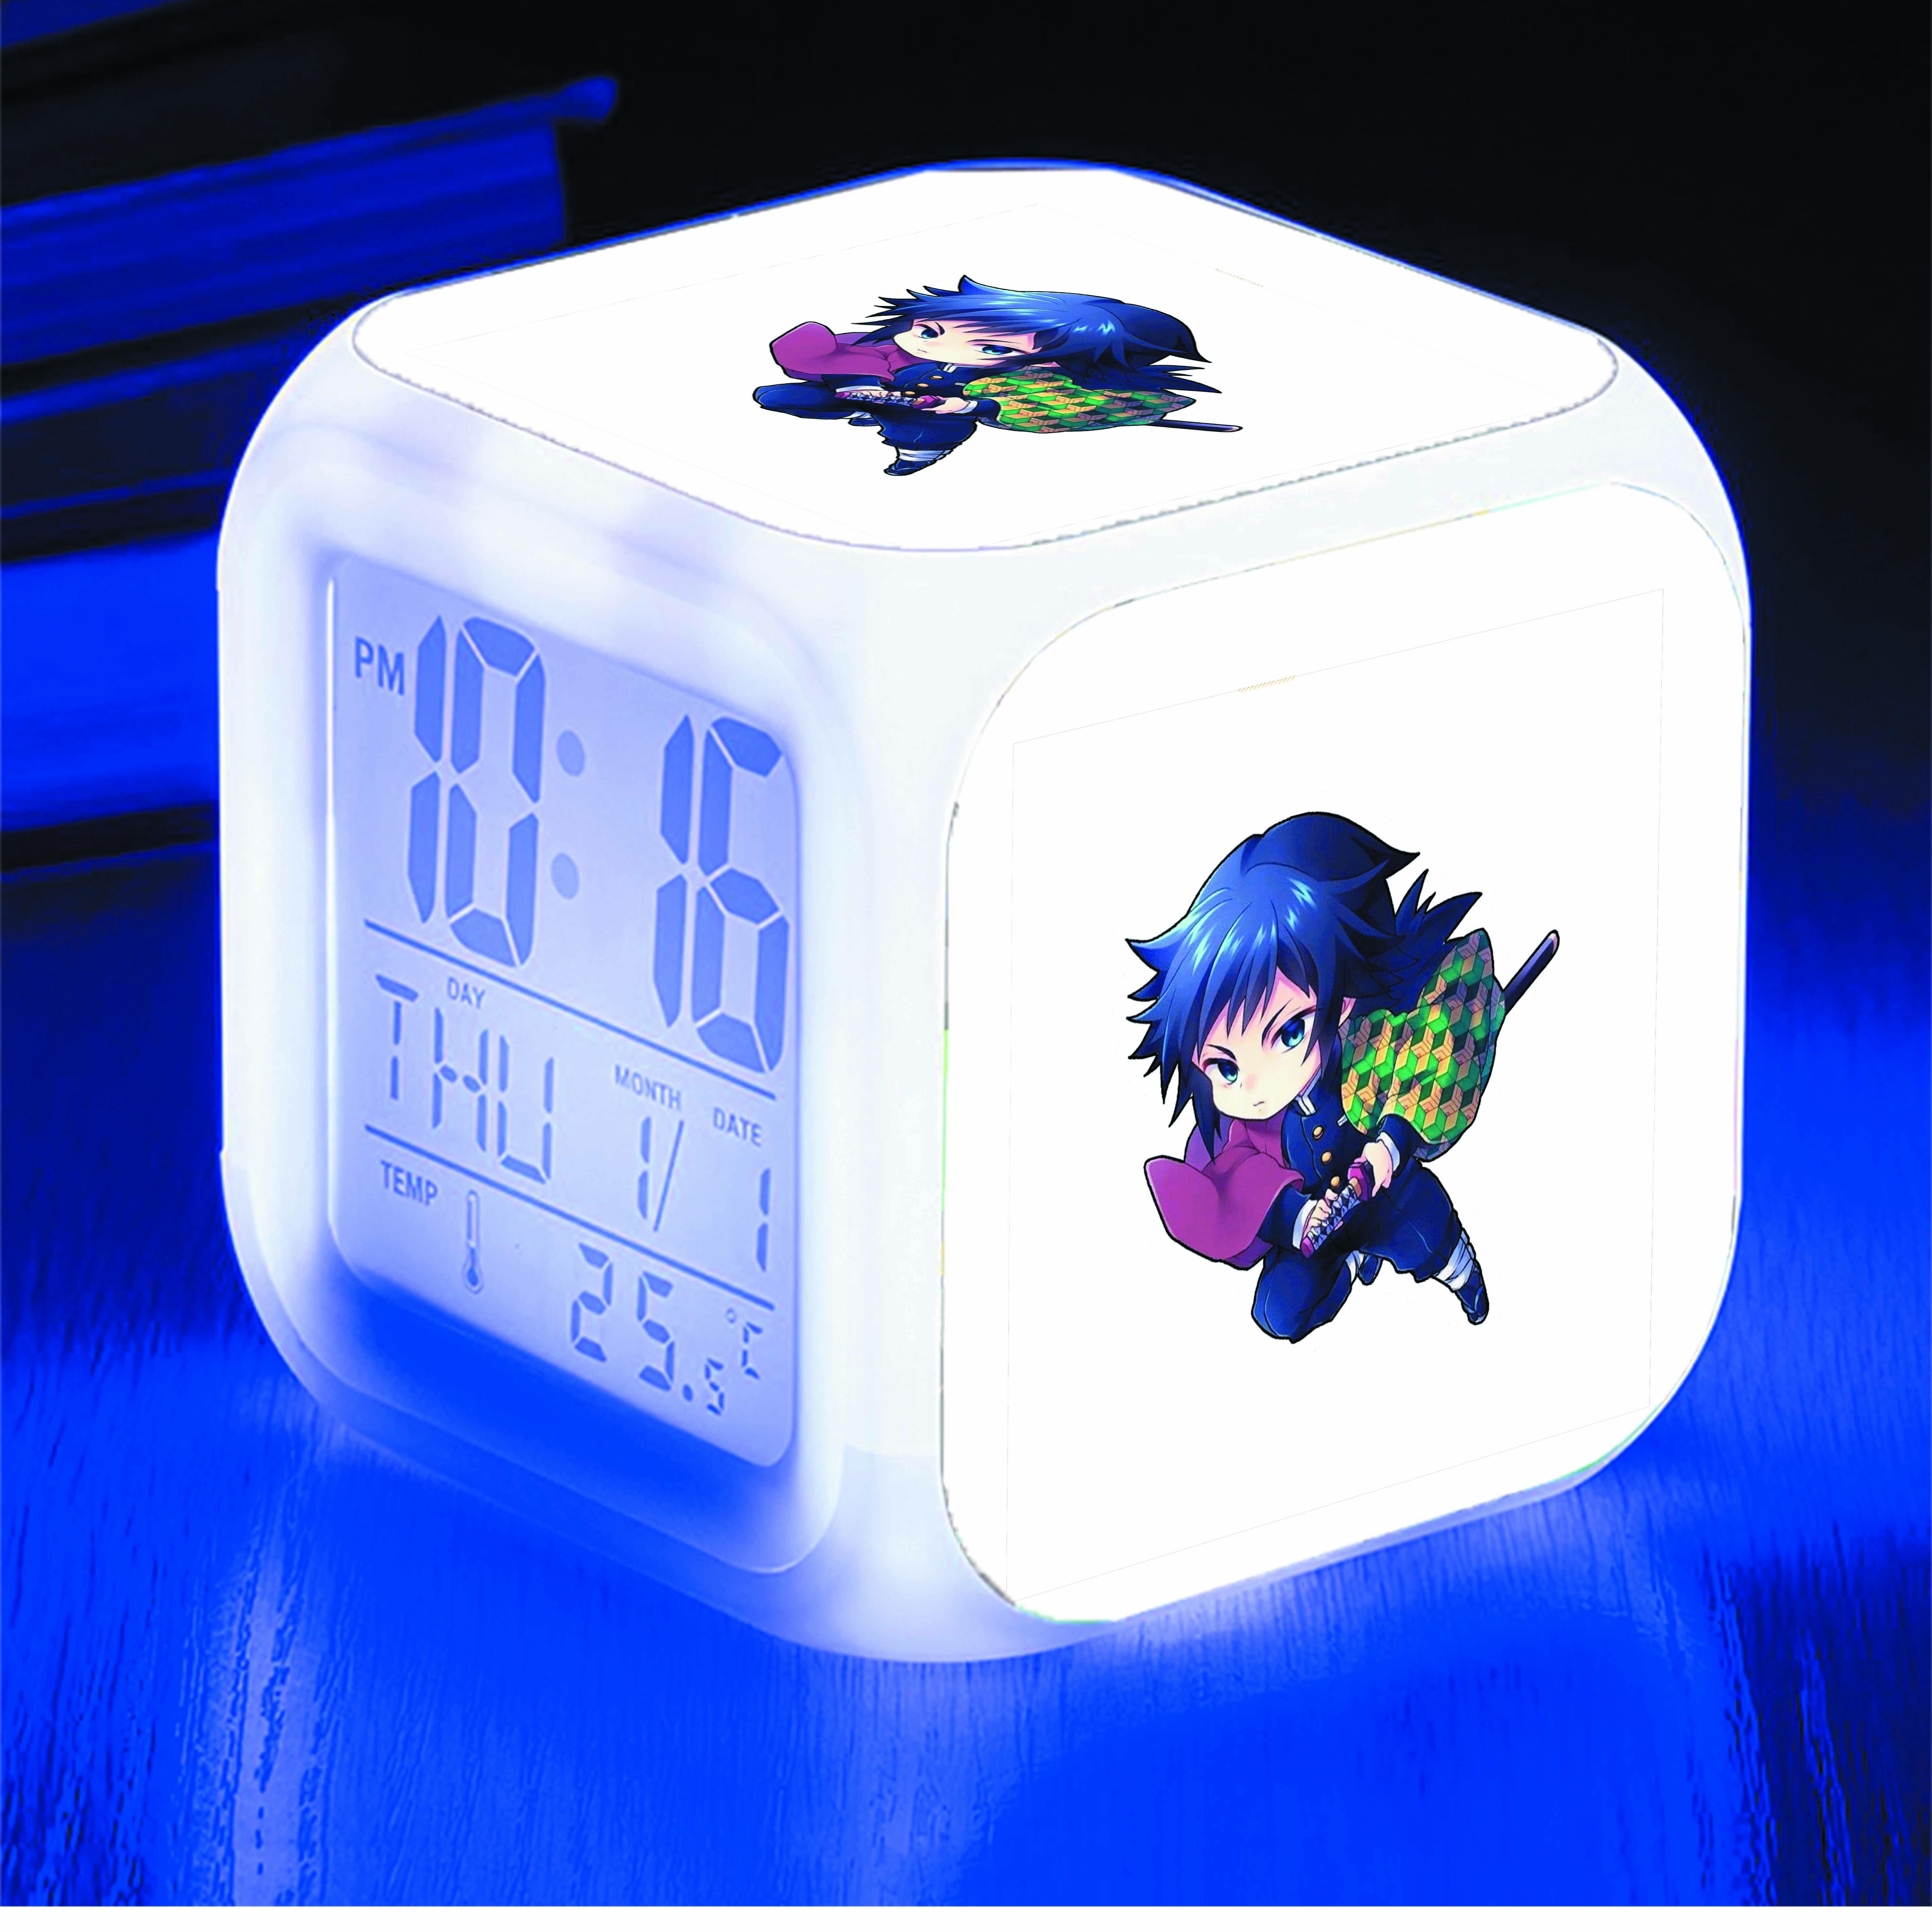 Đồng hồ báo thức để bàn IN HÌNH Kimetsu no Yaiba - Thanh Gươm Diệt Quỷ anime chibi